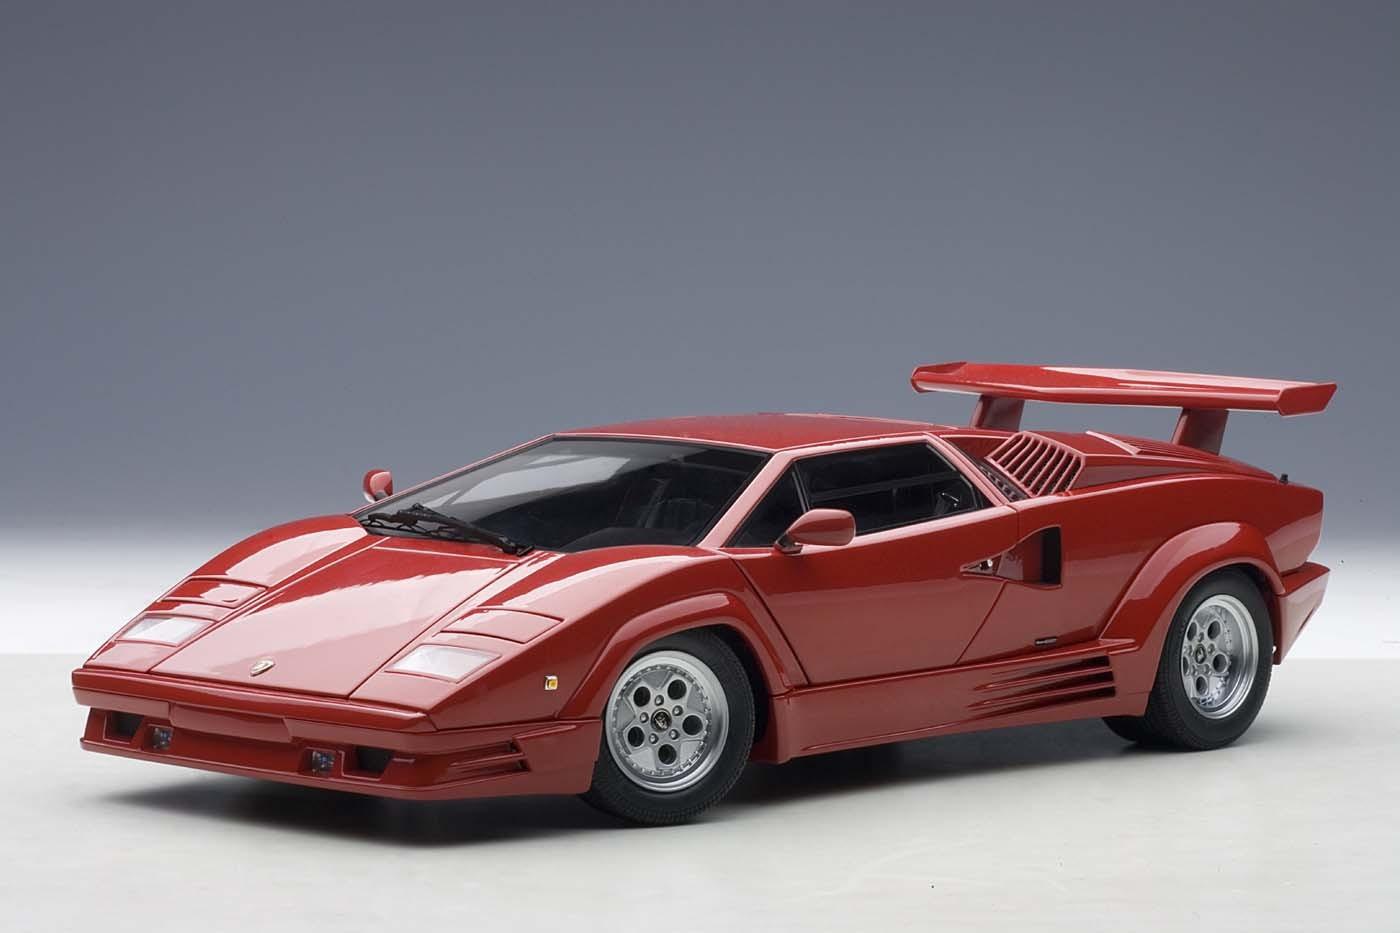 Lamborghini Countach 198825th Anniversary Edition Red Black Interior